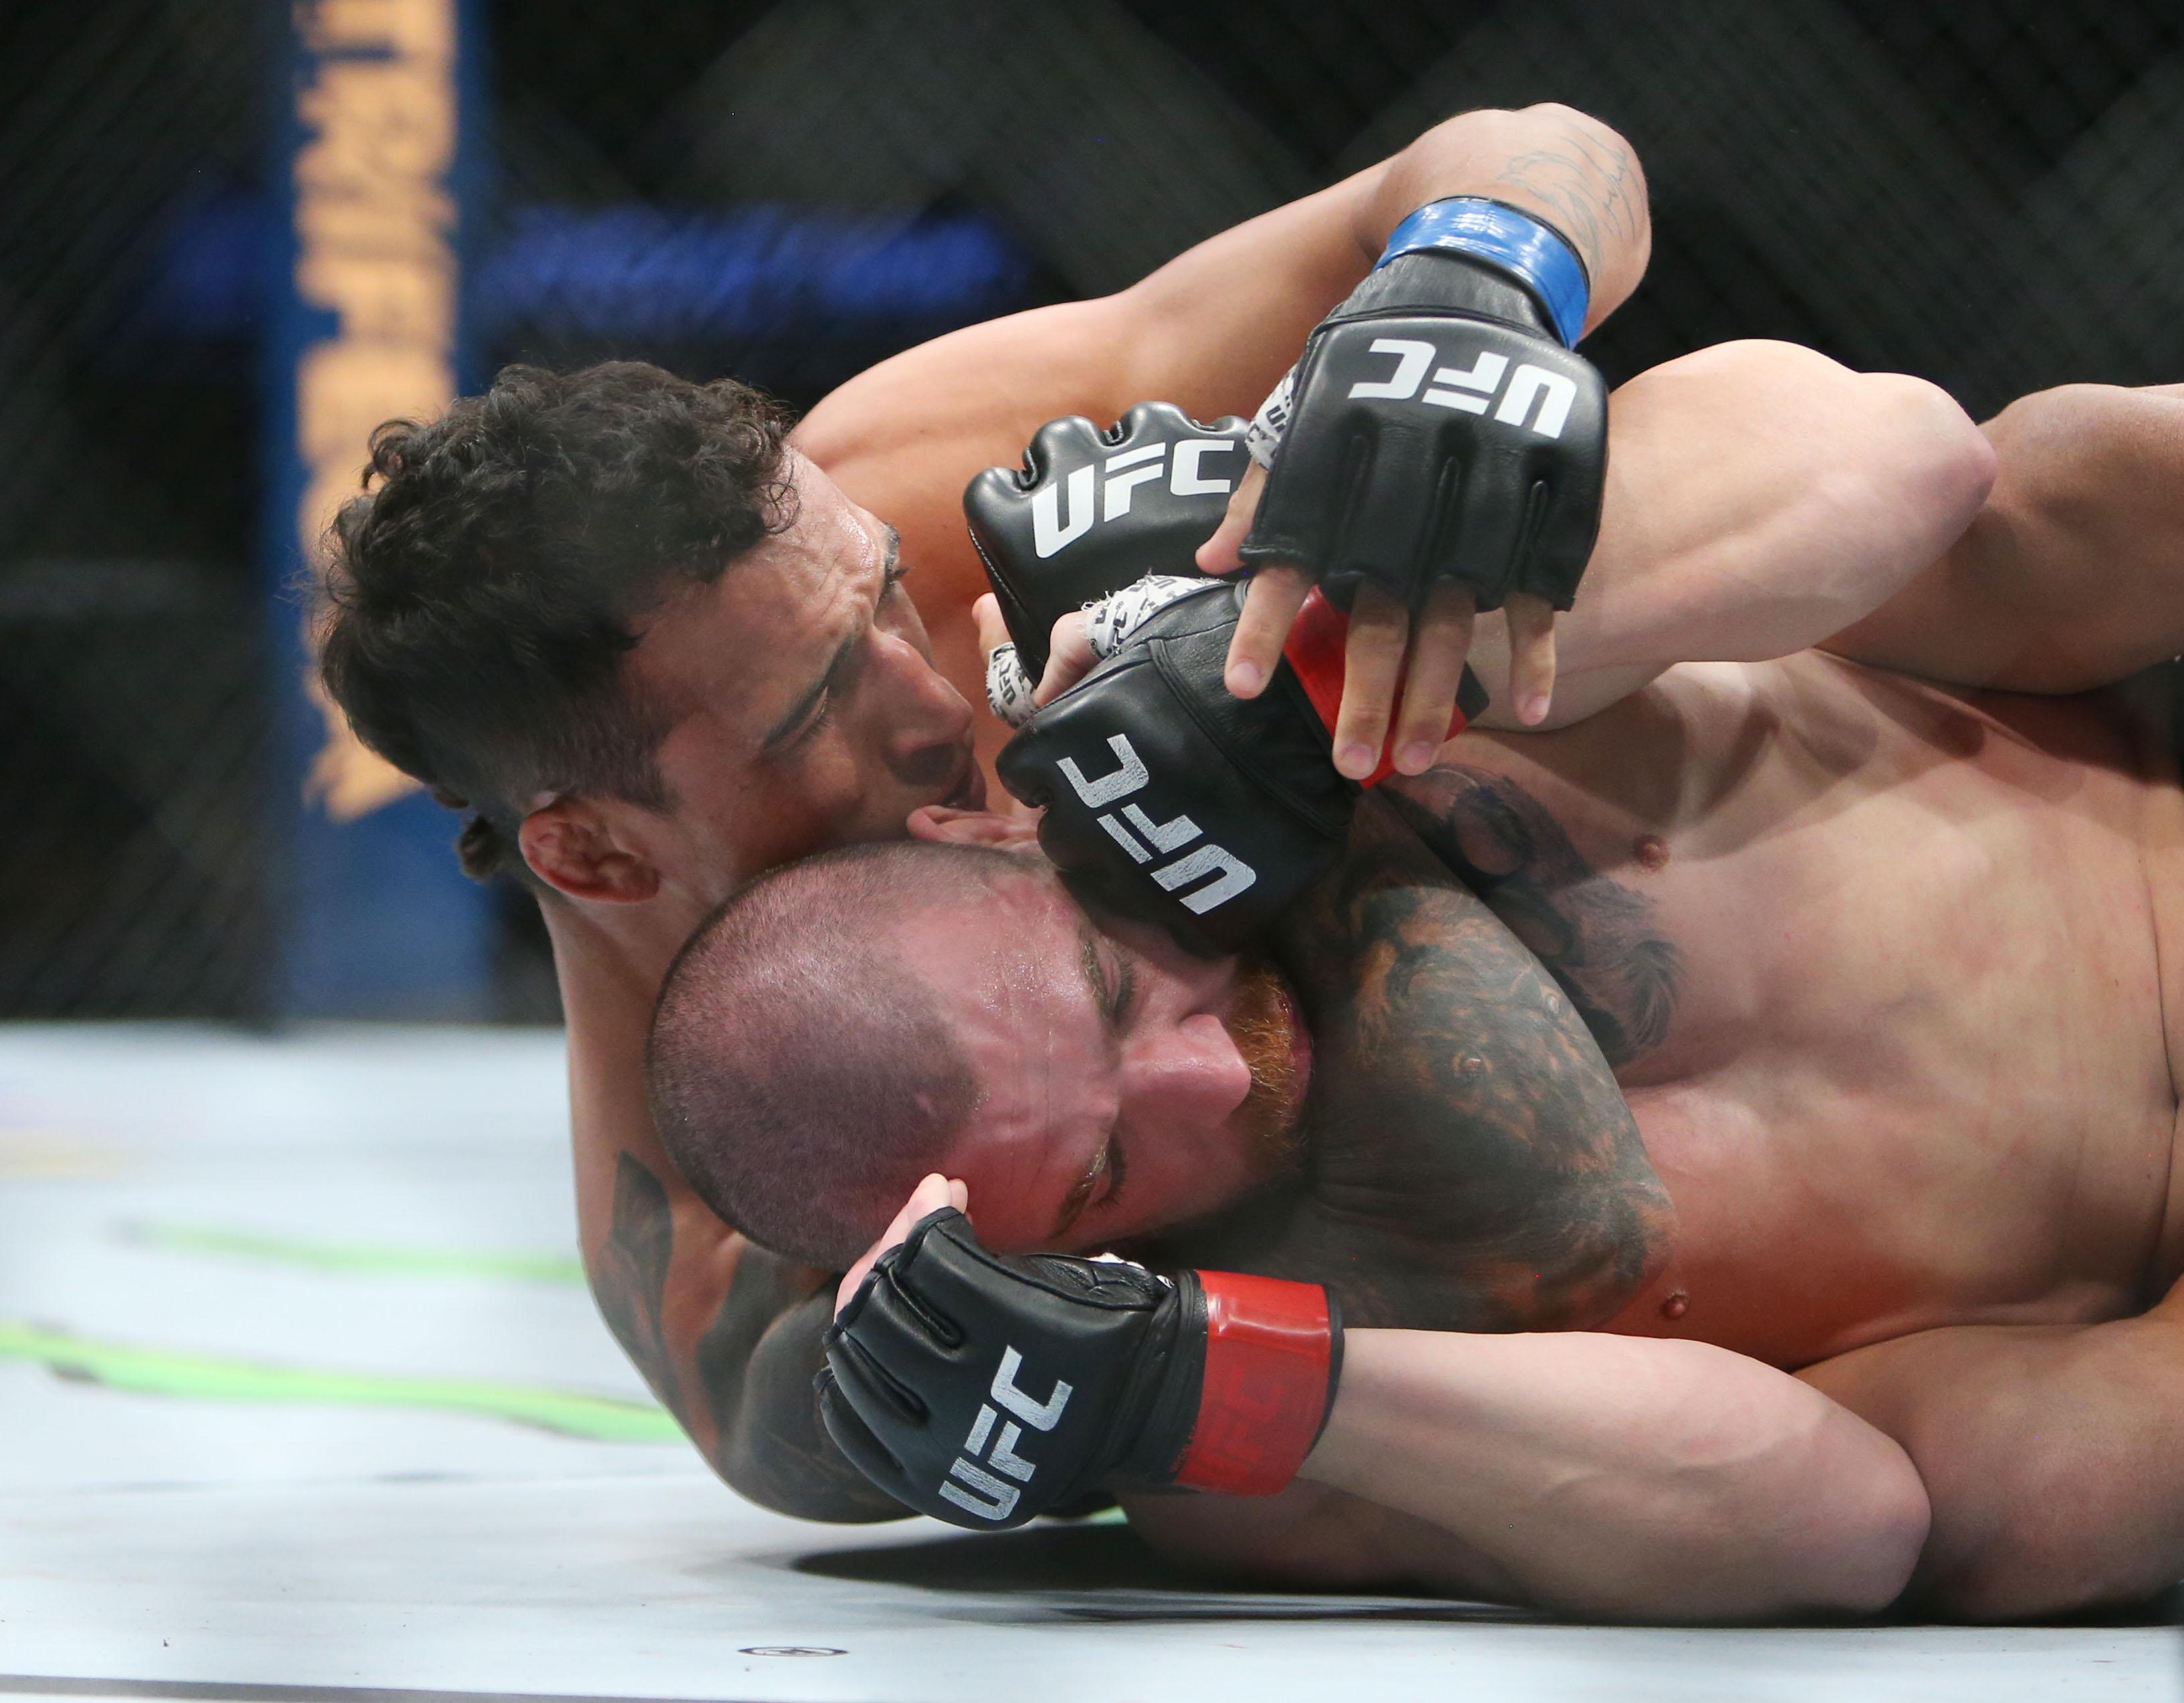 MMA: UFC Fight Night-Milwaukee-Miller vs Oliveira